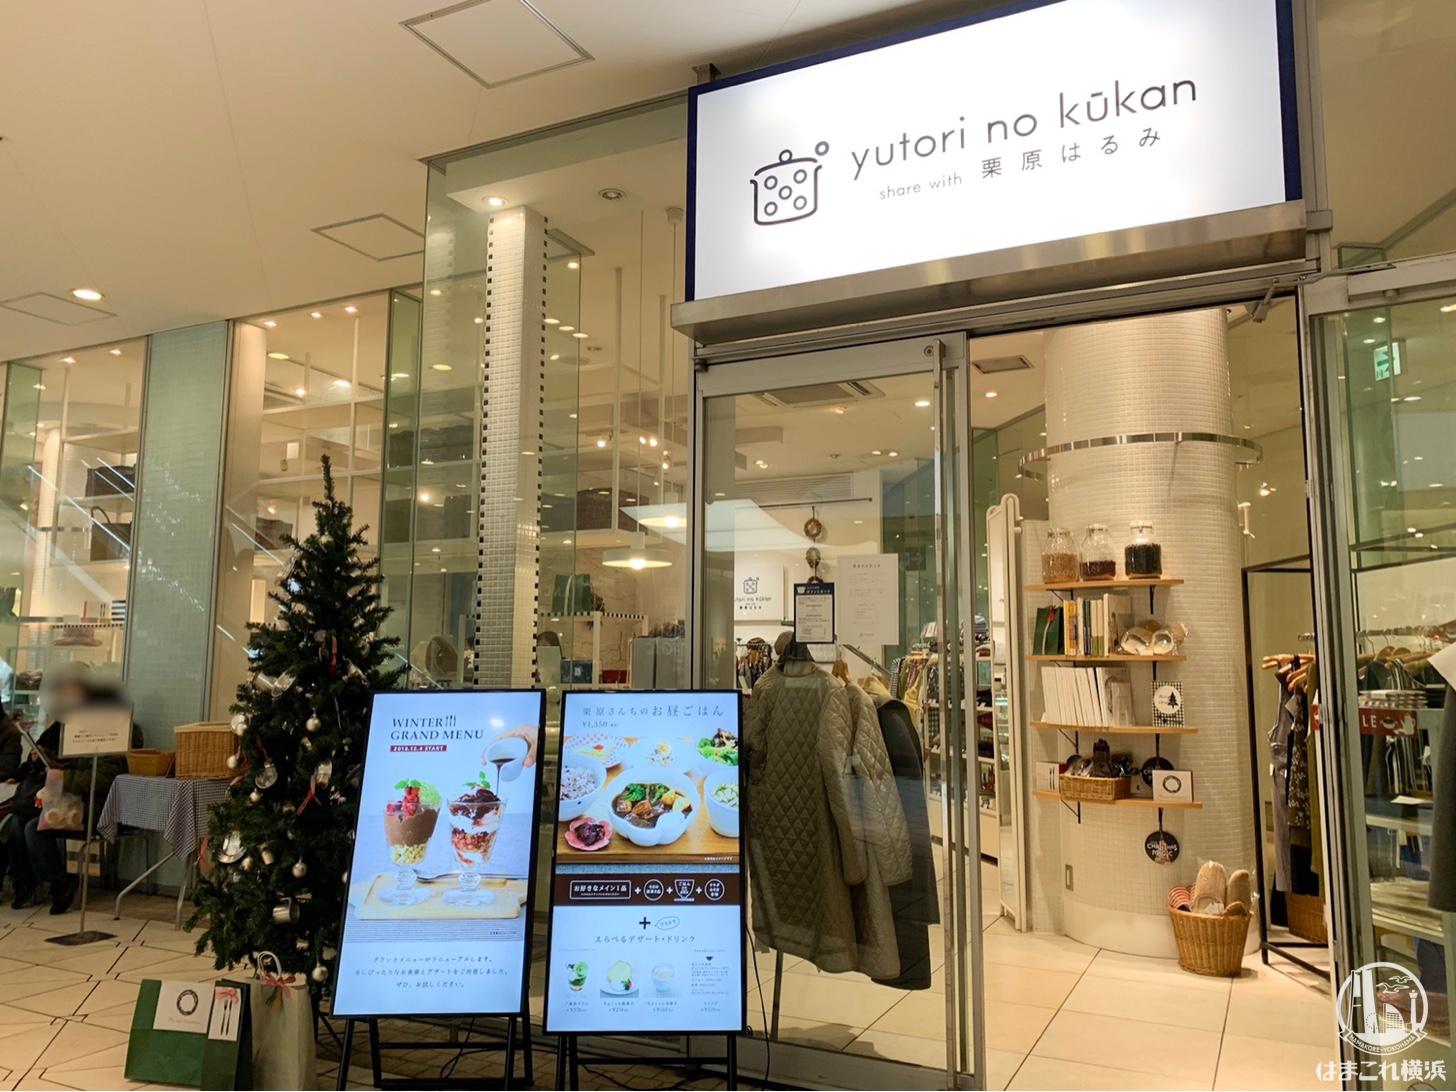 横浜ベイクォーター「ゆとりの空間」が2019年1月6日に閉店